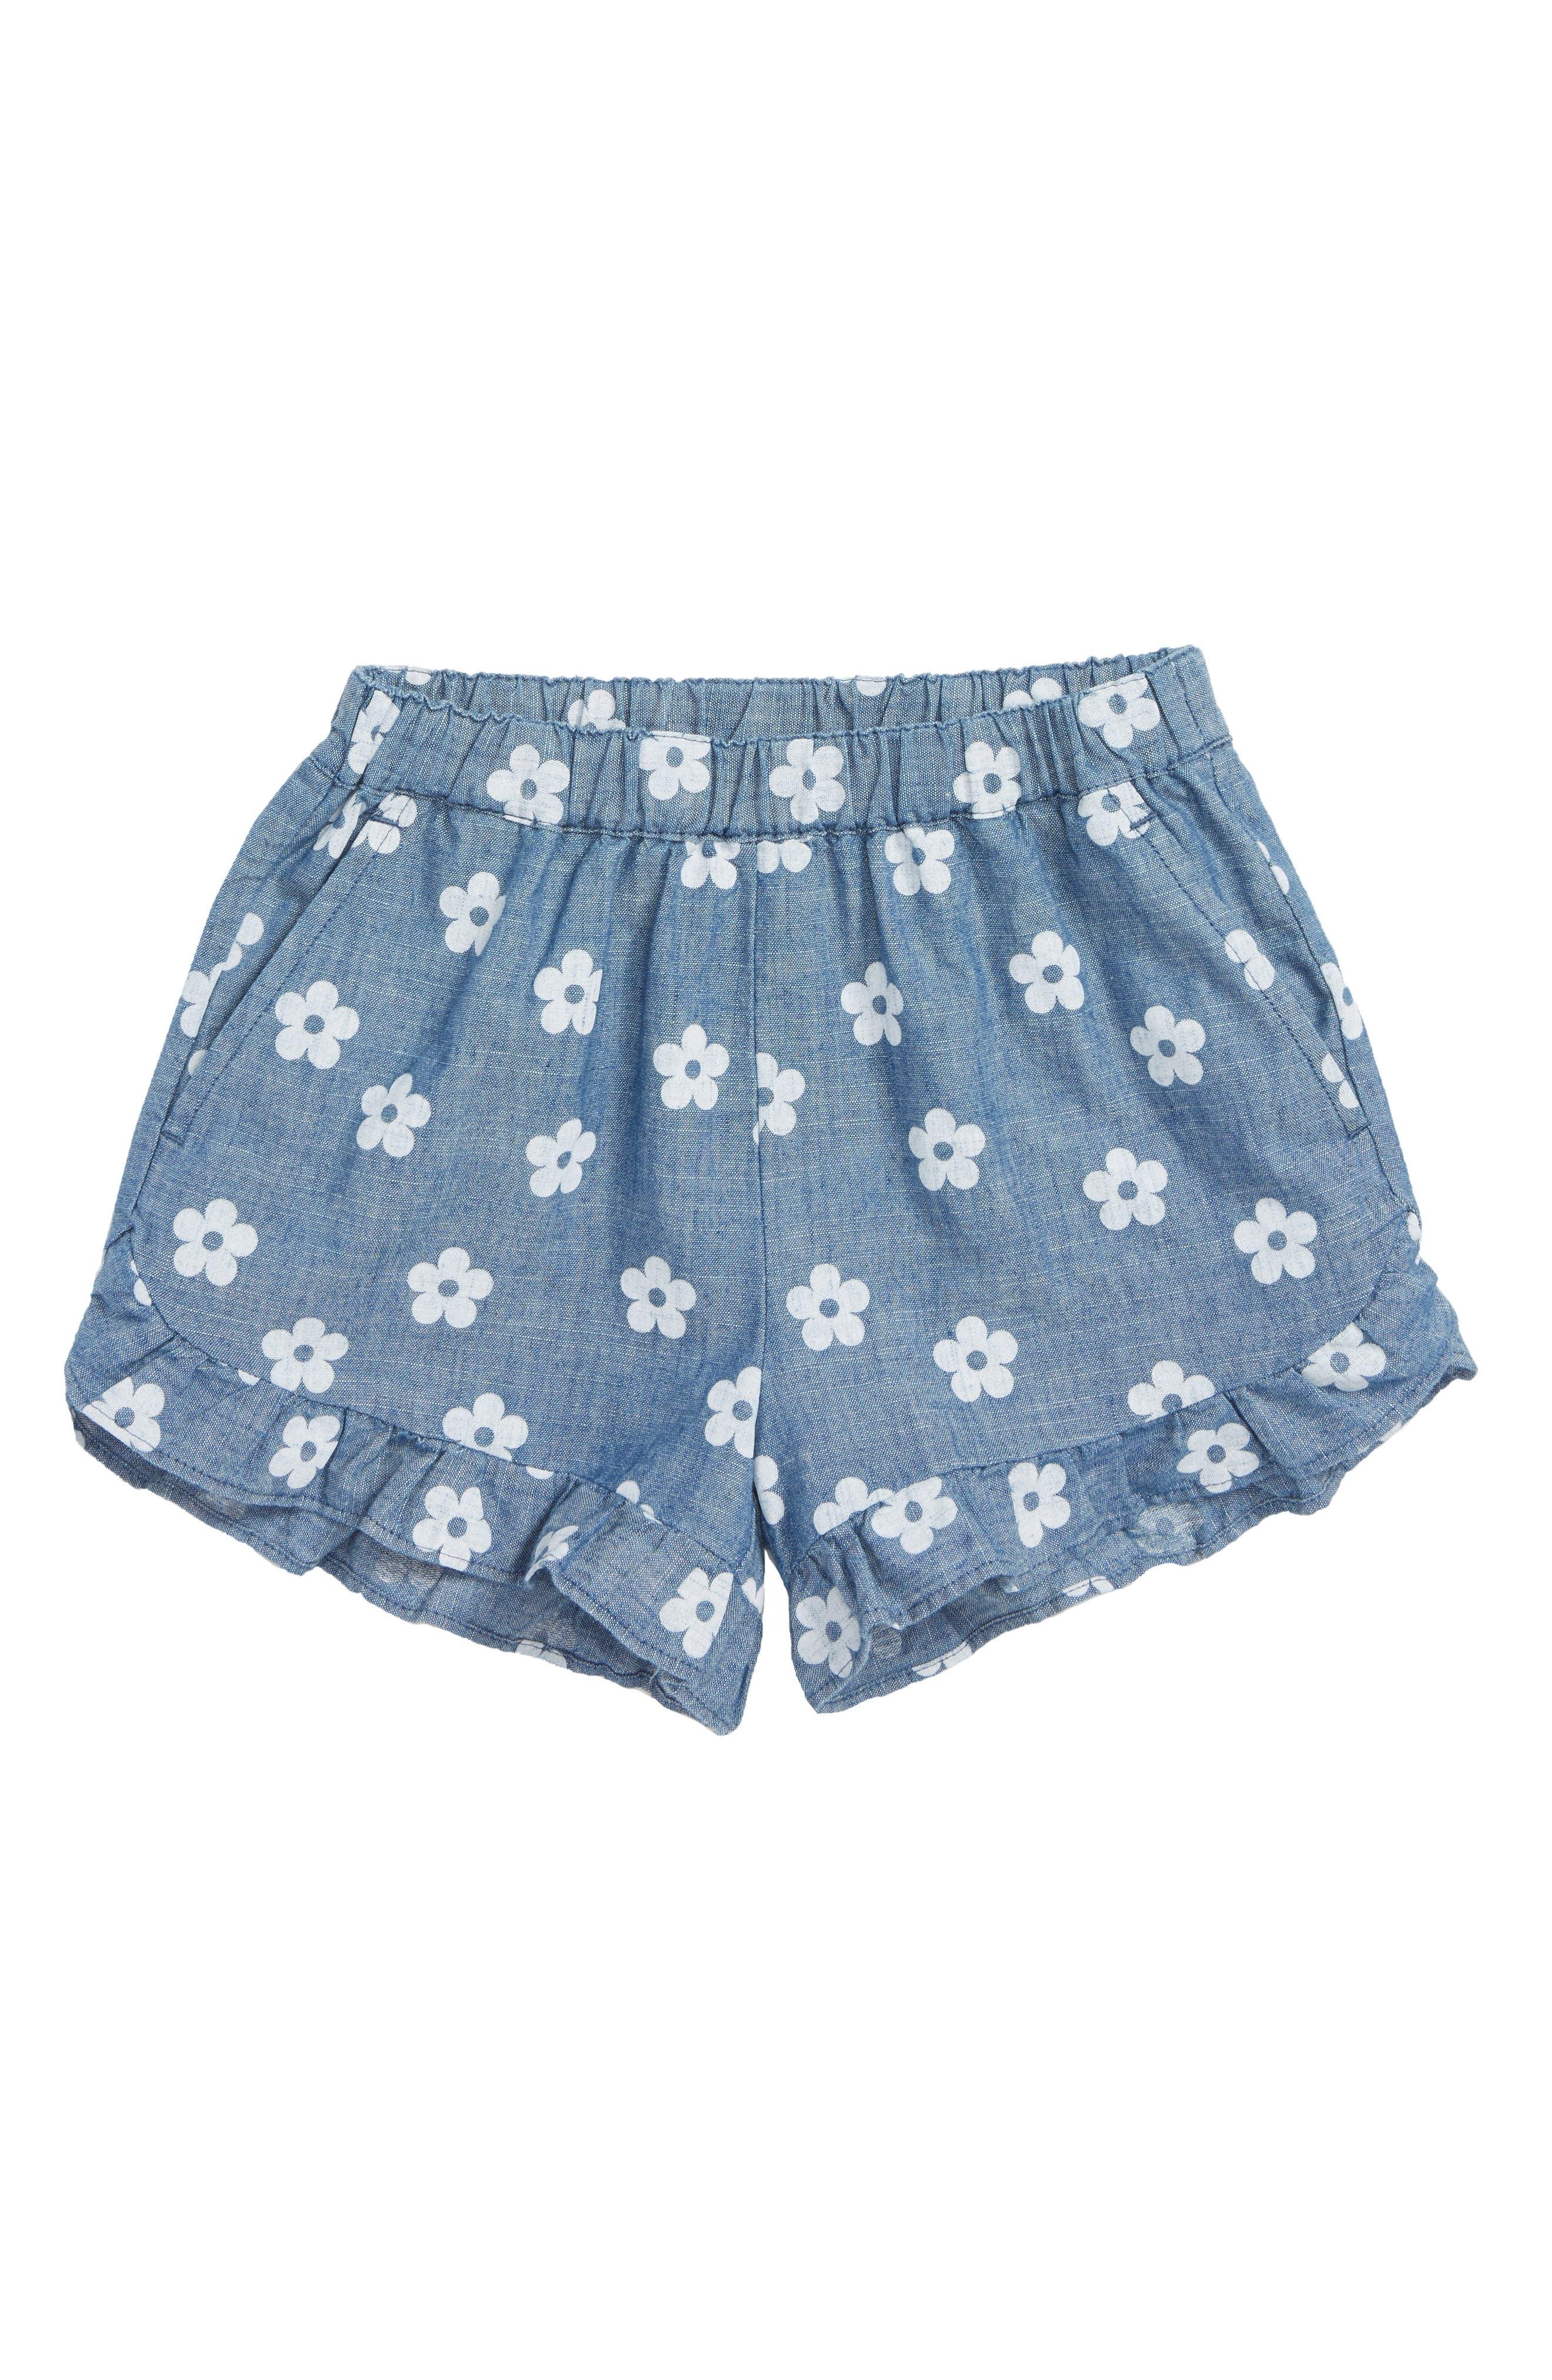 Lexi Daisy Print Ruffle Shorts,                         Main,                         color, CHAMBRAY WHITE